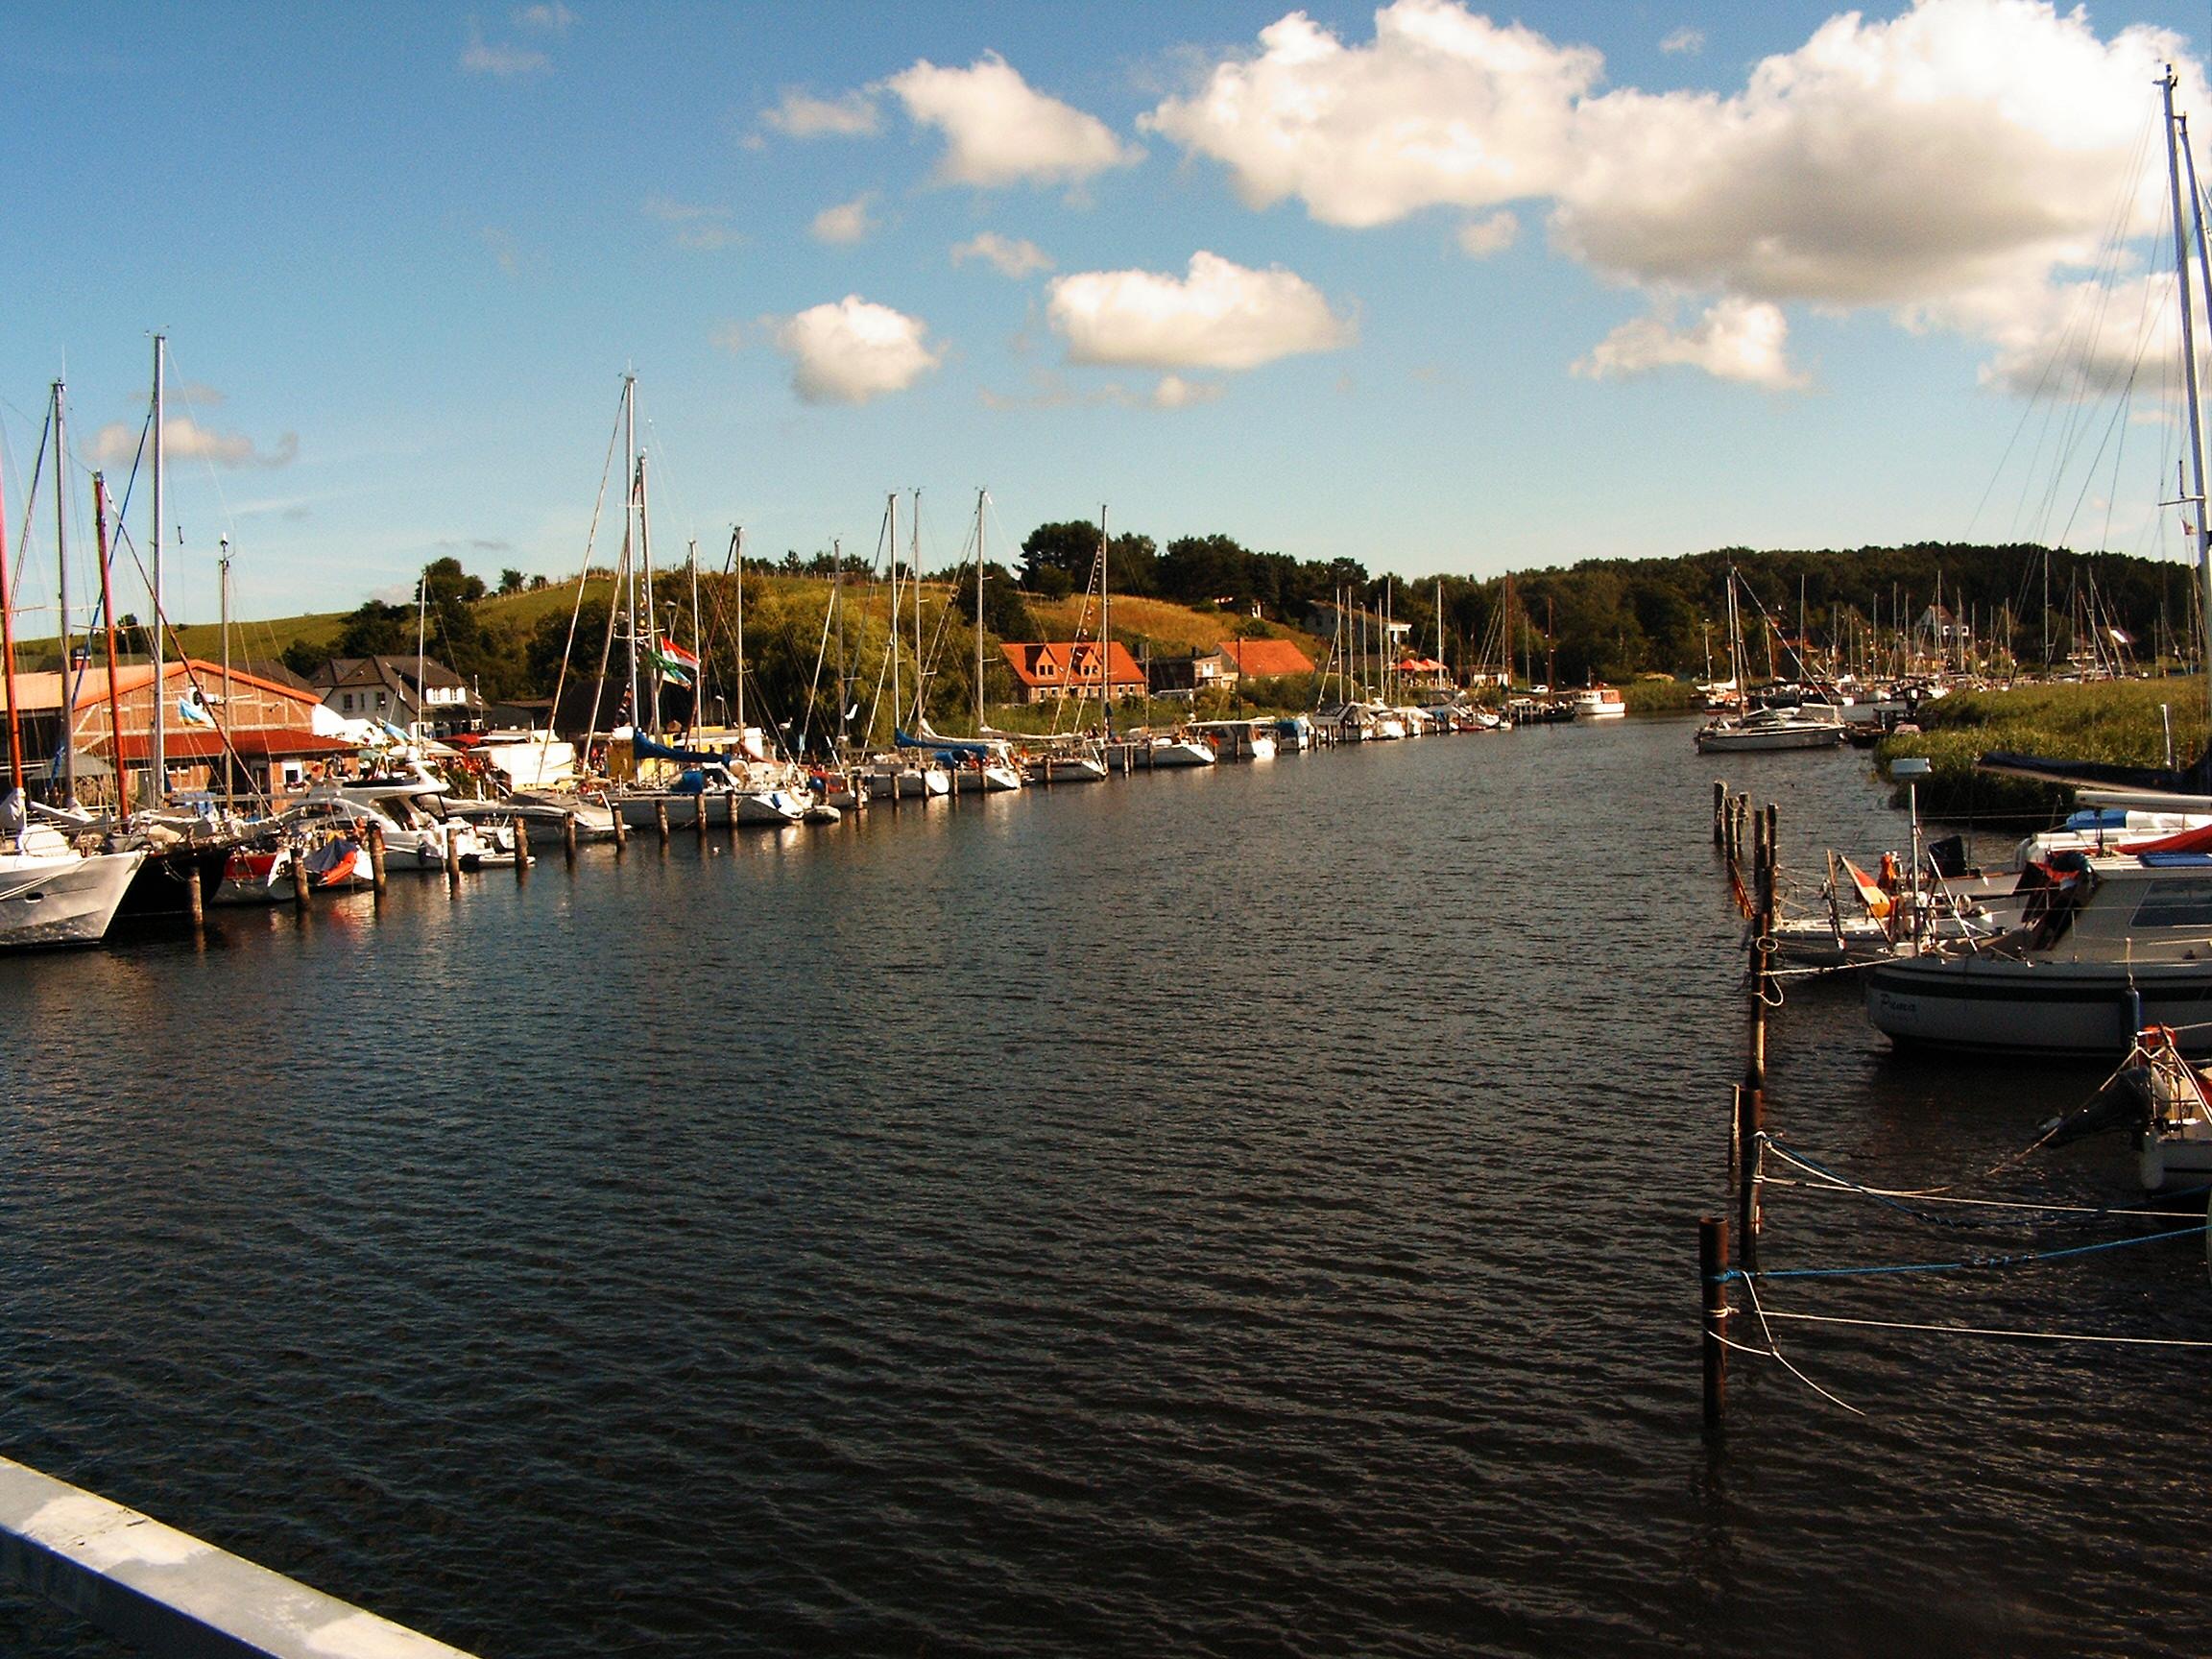 Hafen in Seedorf_Rügen